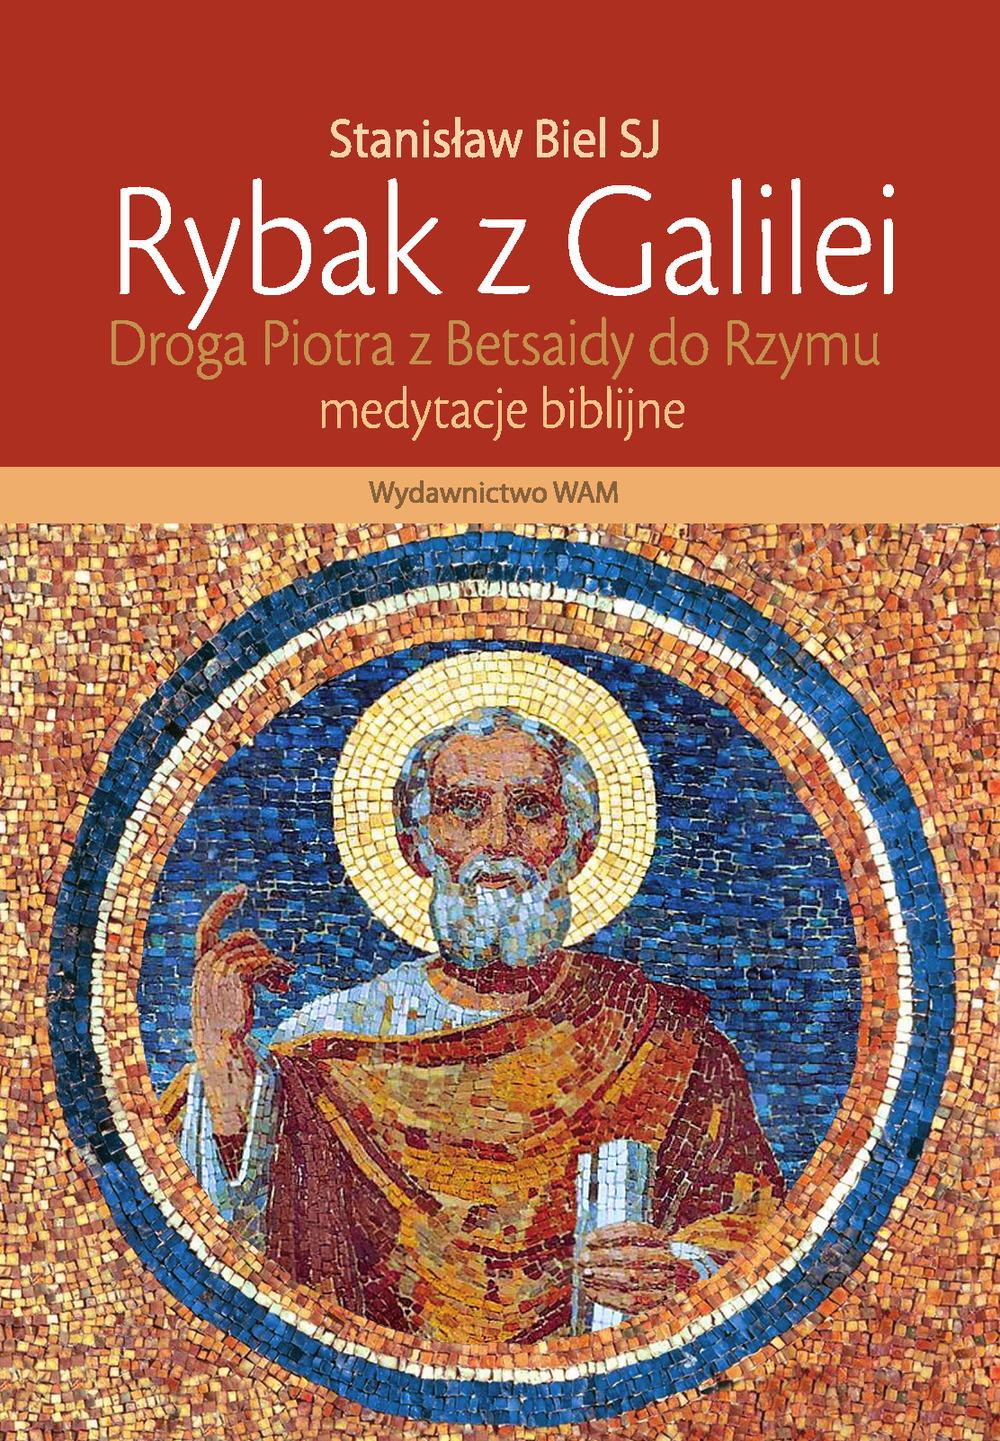 Rybak z Galilei – czyli o literaturze pobożnościowej…